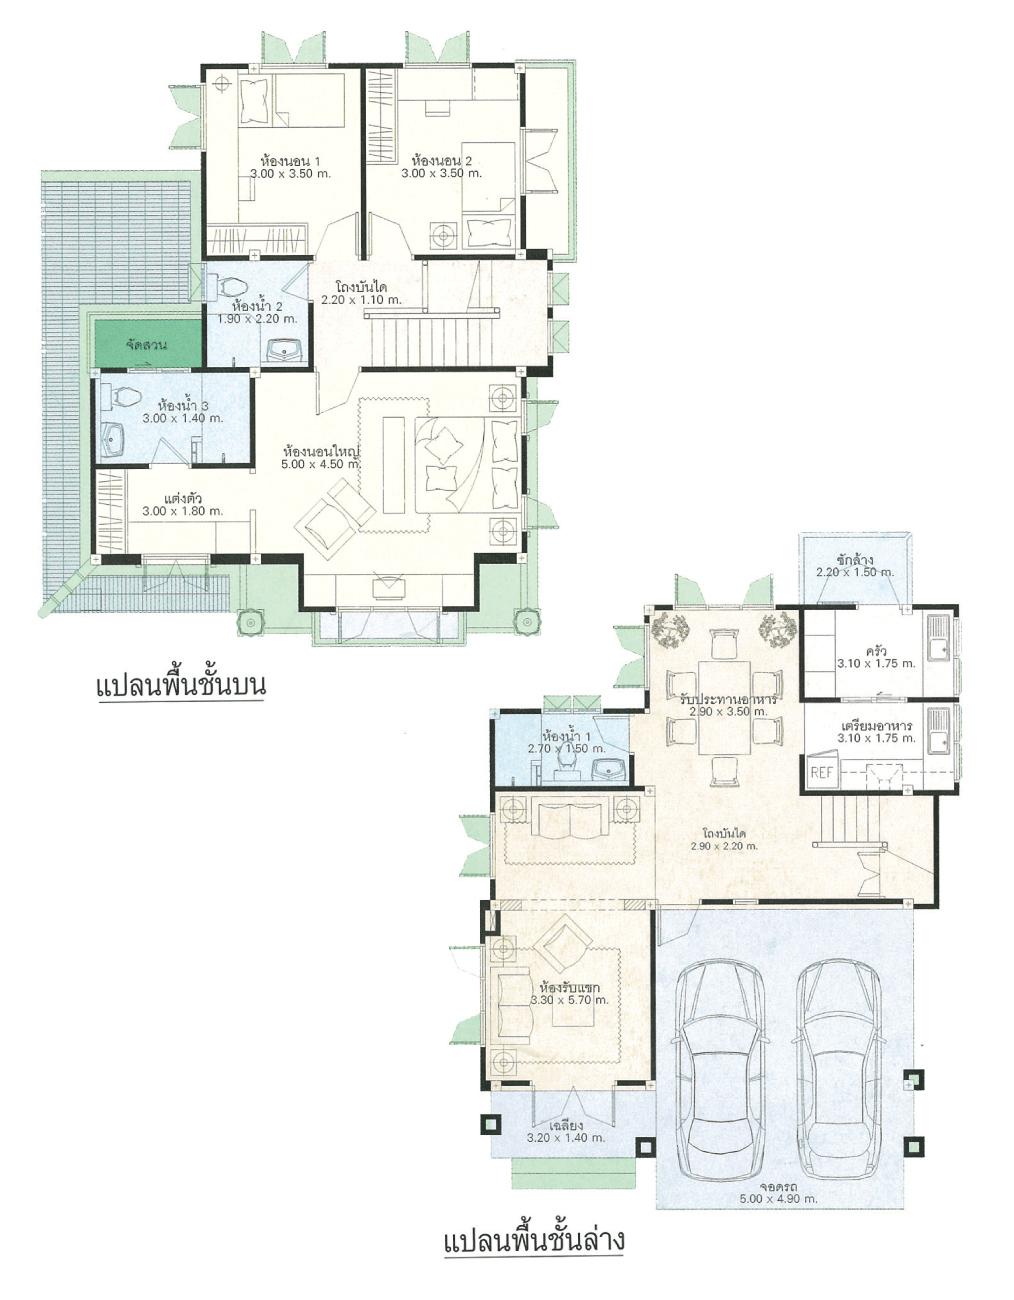 แบบบ้านสองชั้น 3 ห้องนอน 3 ห้องน้ำ 176 ตร.ม ราคา 1.76ล้าน (ทองอุไร)